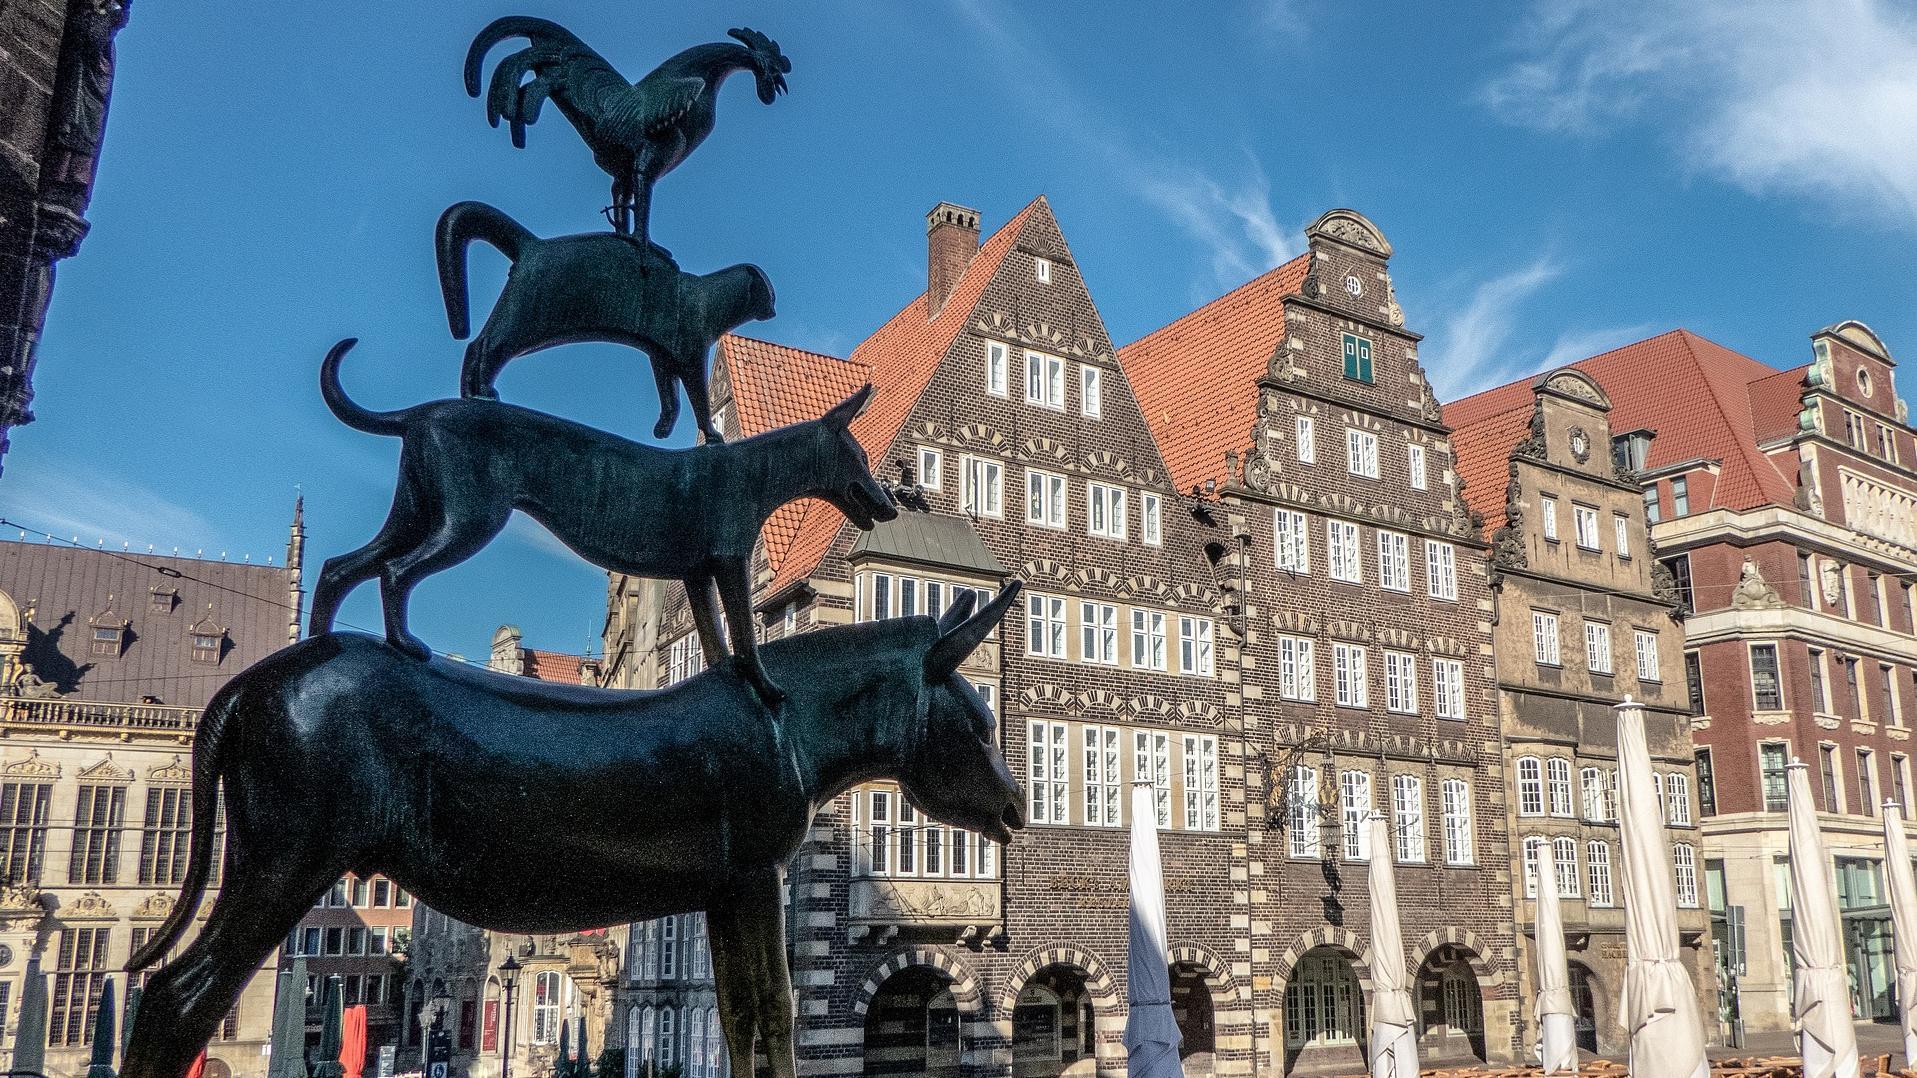 Wichtigste Vertreter von Bremen sind die Stadtmusikanten, die den Markt überwachen und den Besuchern Glück bringen sollen.